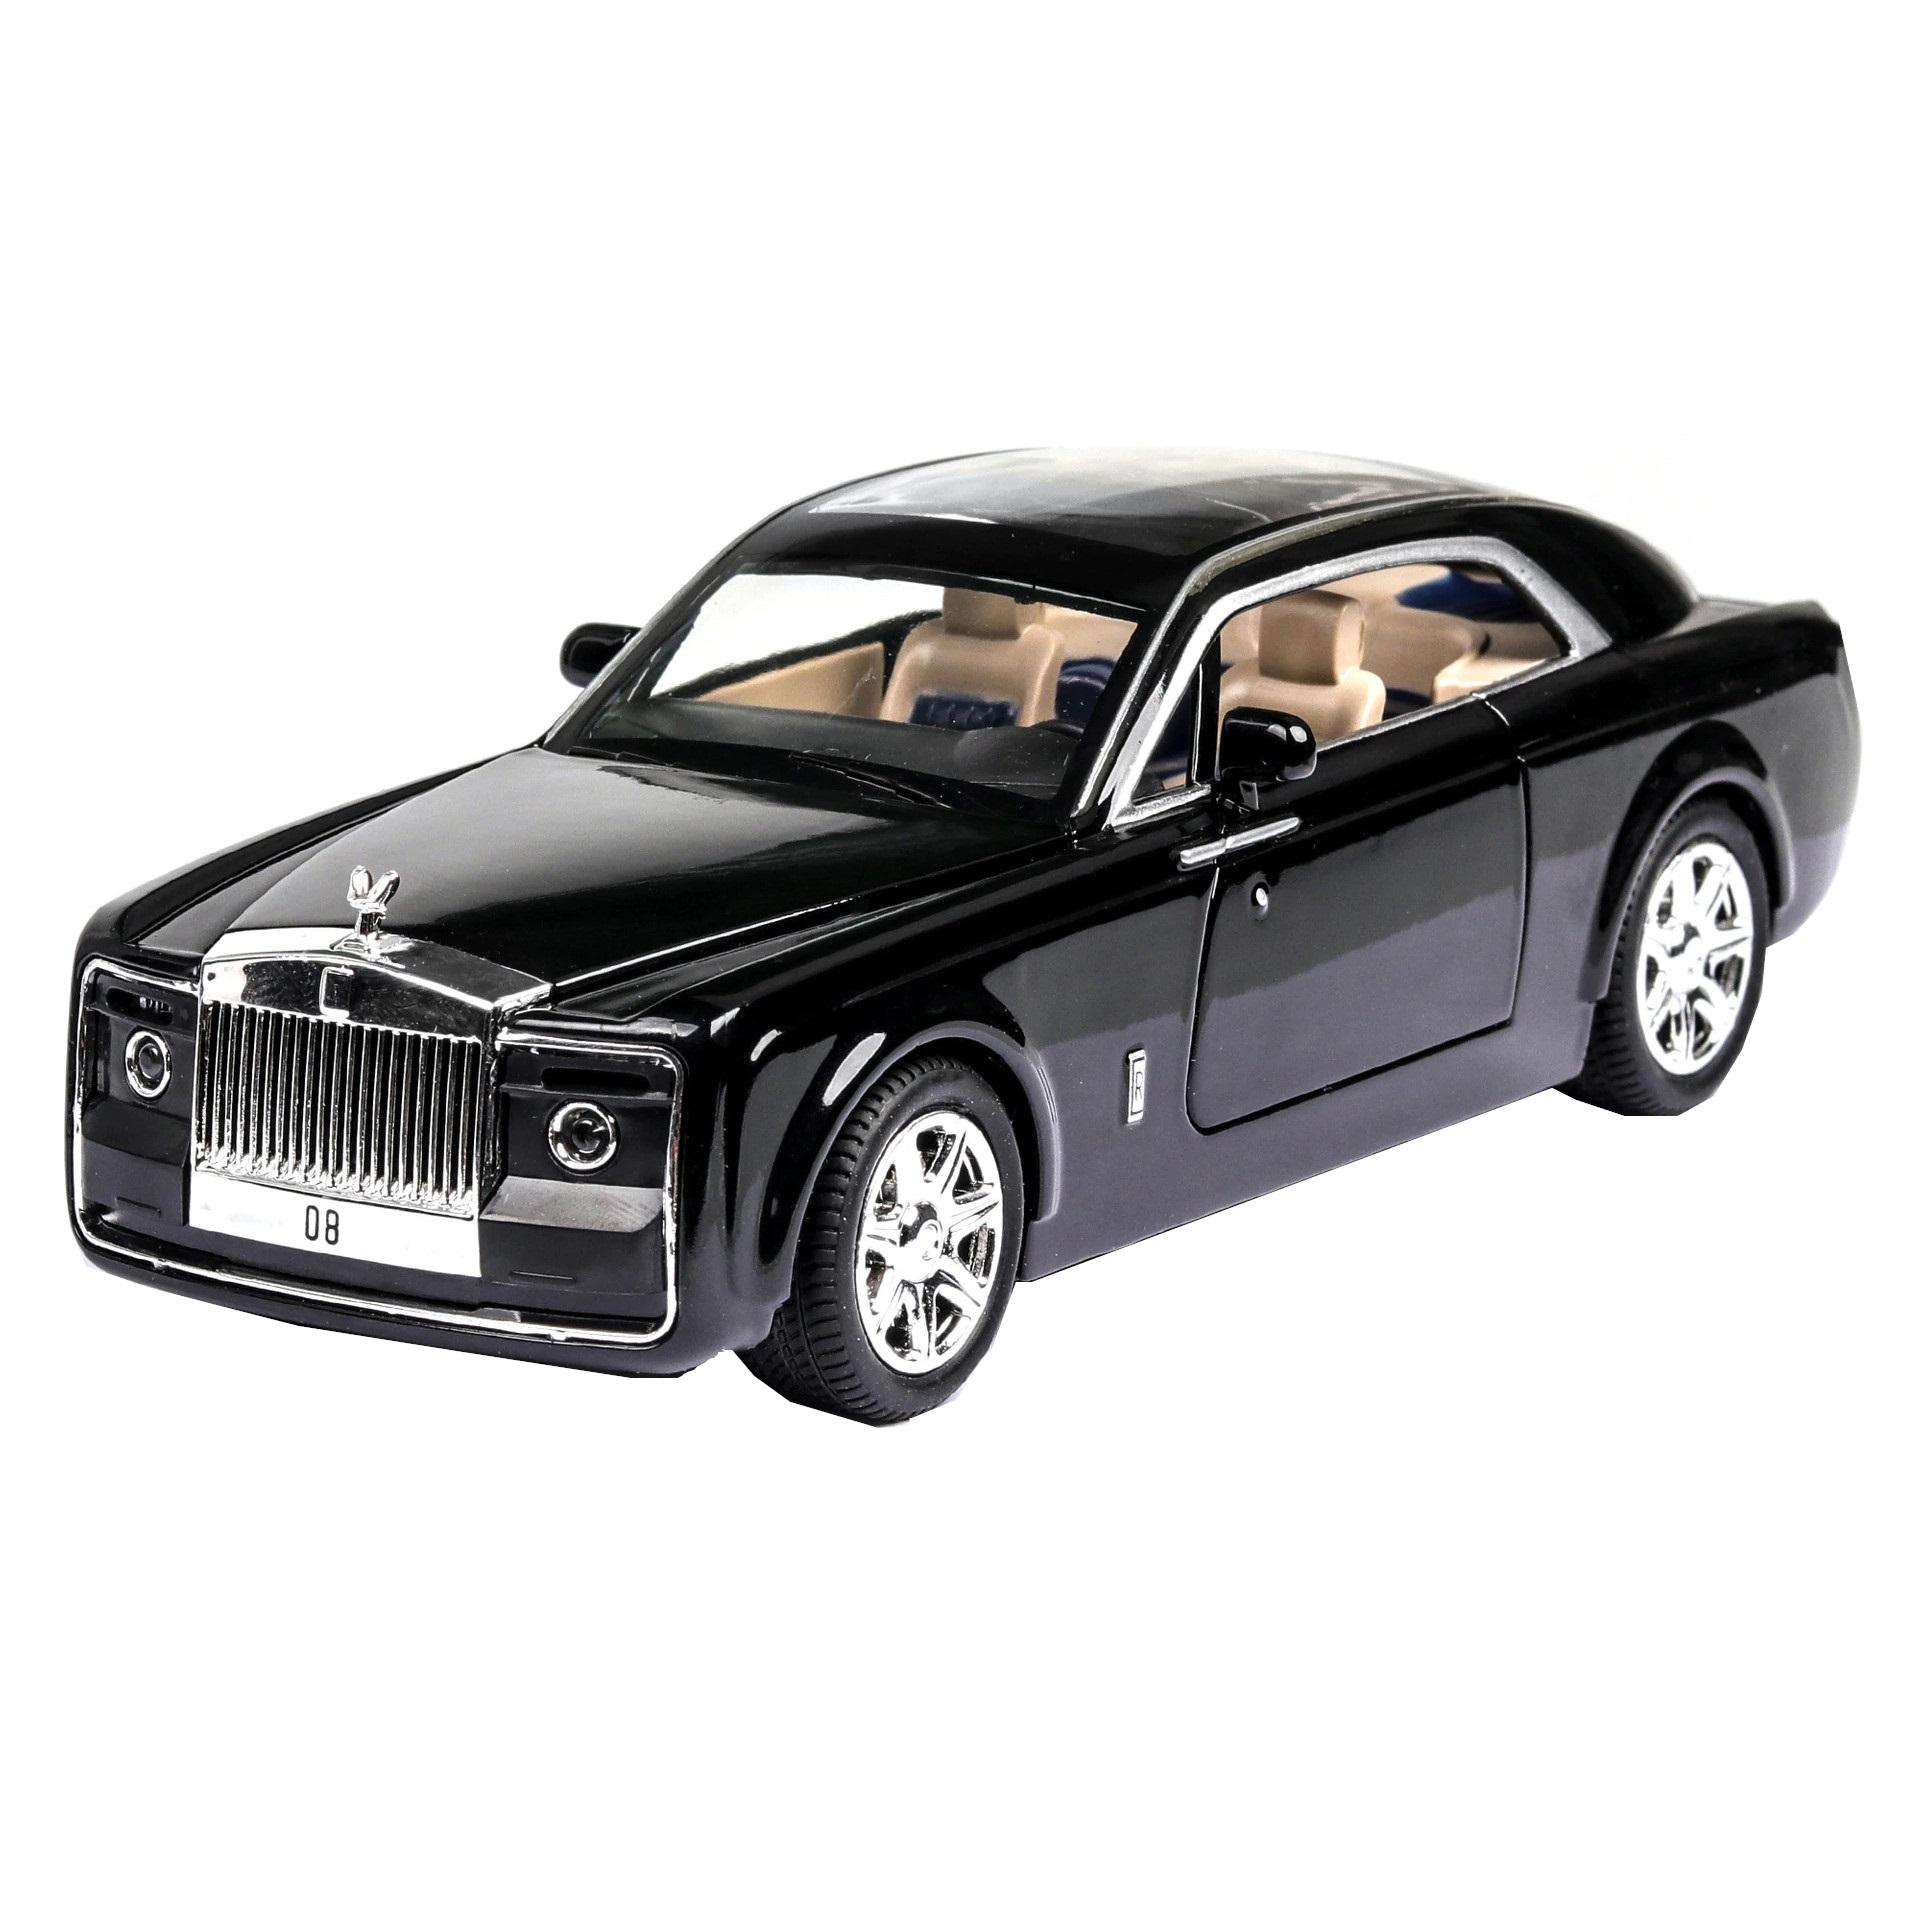 Купить Коллекционная модель машины представительский седан RR HPH инерционная 20см, цв. черный, Shantou Gepai, Игрушечные машинки